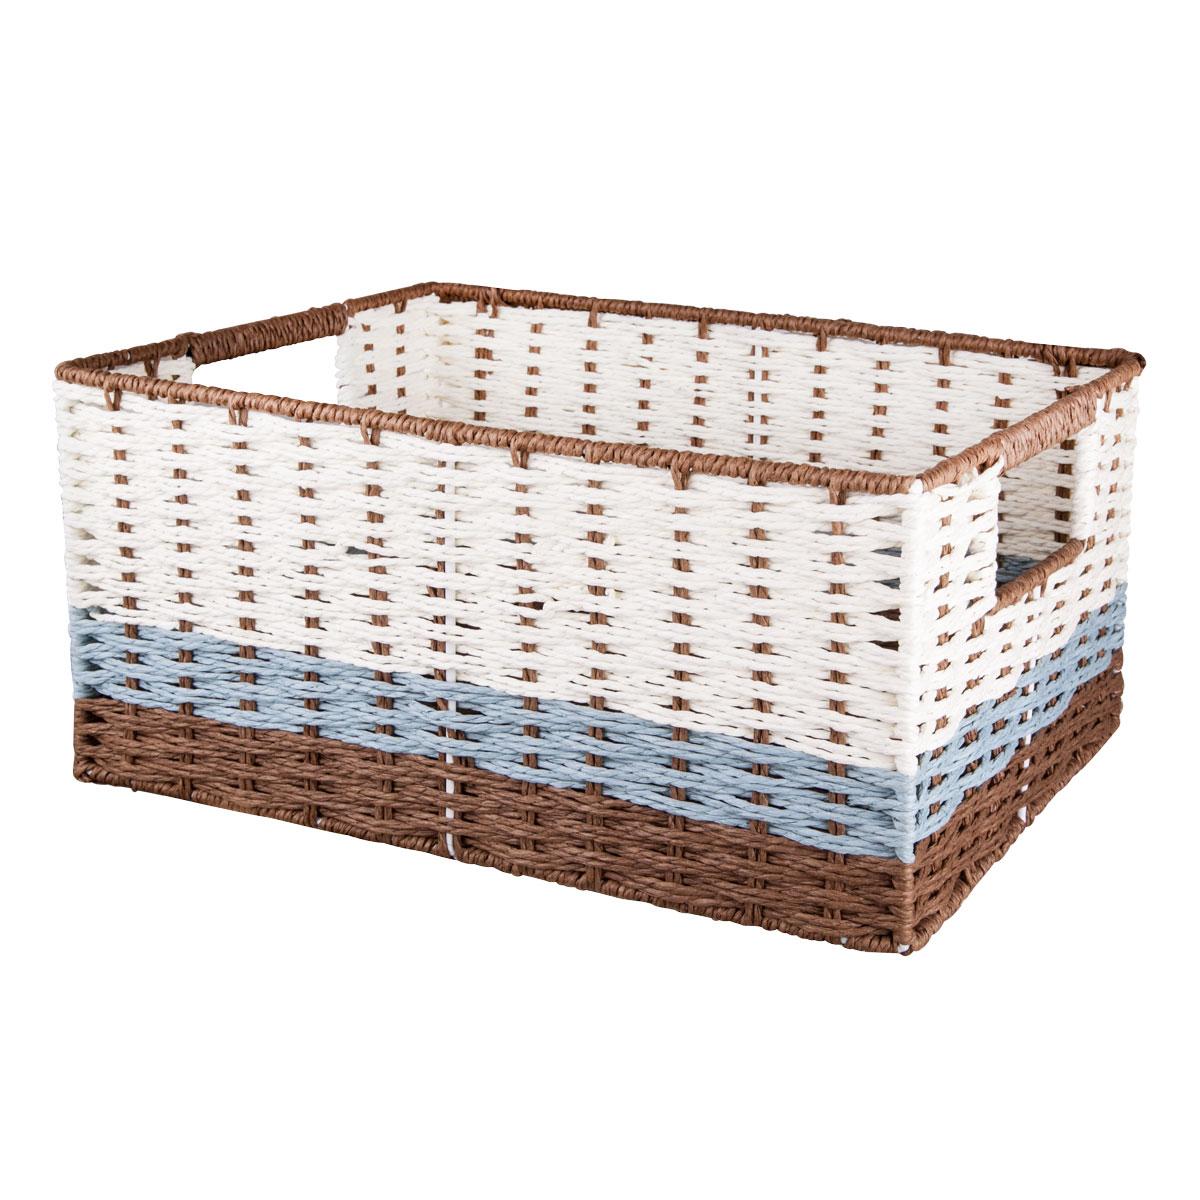 Корзина для хранения Miolla, с ручками, без крышки, 45 х 33 х 21 см. BSK6-LTD 0033Лучшее решение для хранения вещей - корзина для хранения Miolla. Экономьте полезное пространство своего дома, уберите ненужные вещи в удобную корзину и используйте ее для хранения дорогих сердцу вещей, которые нужно сберечь в целости и сохранности.